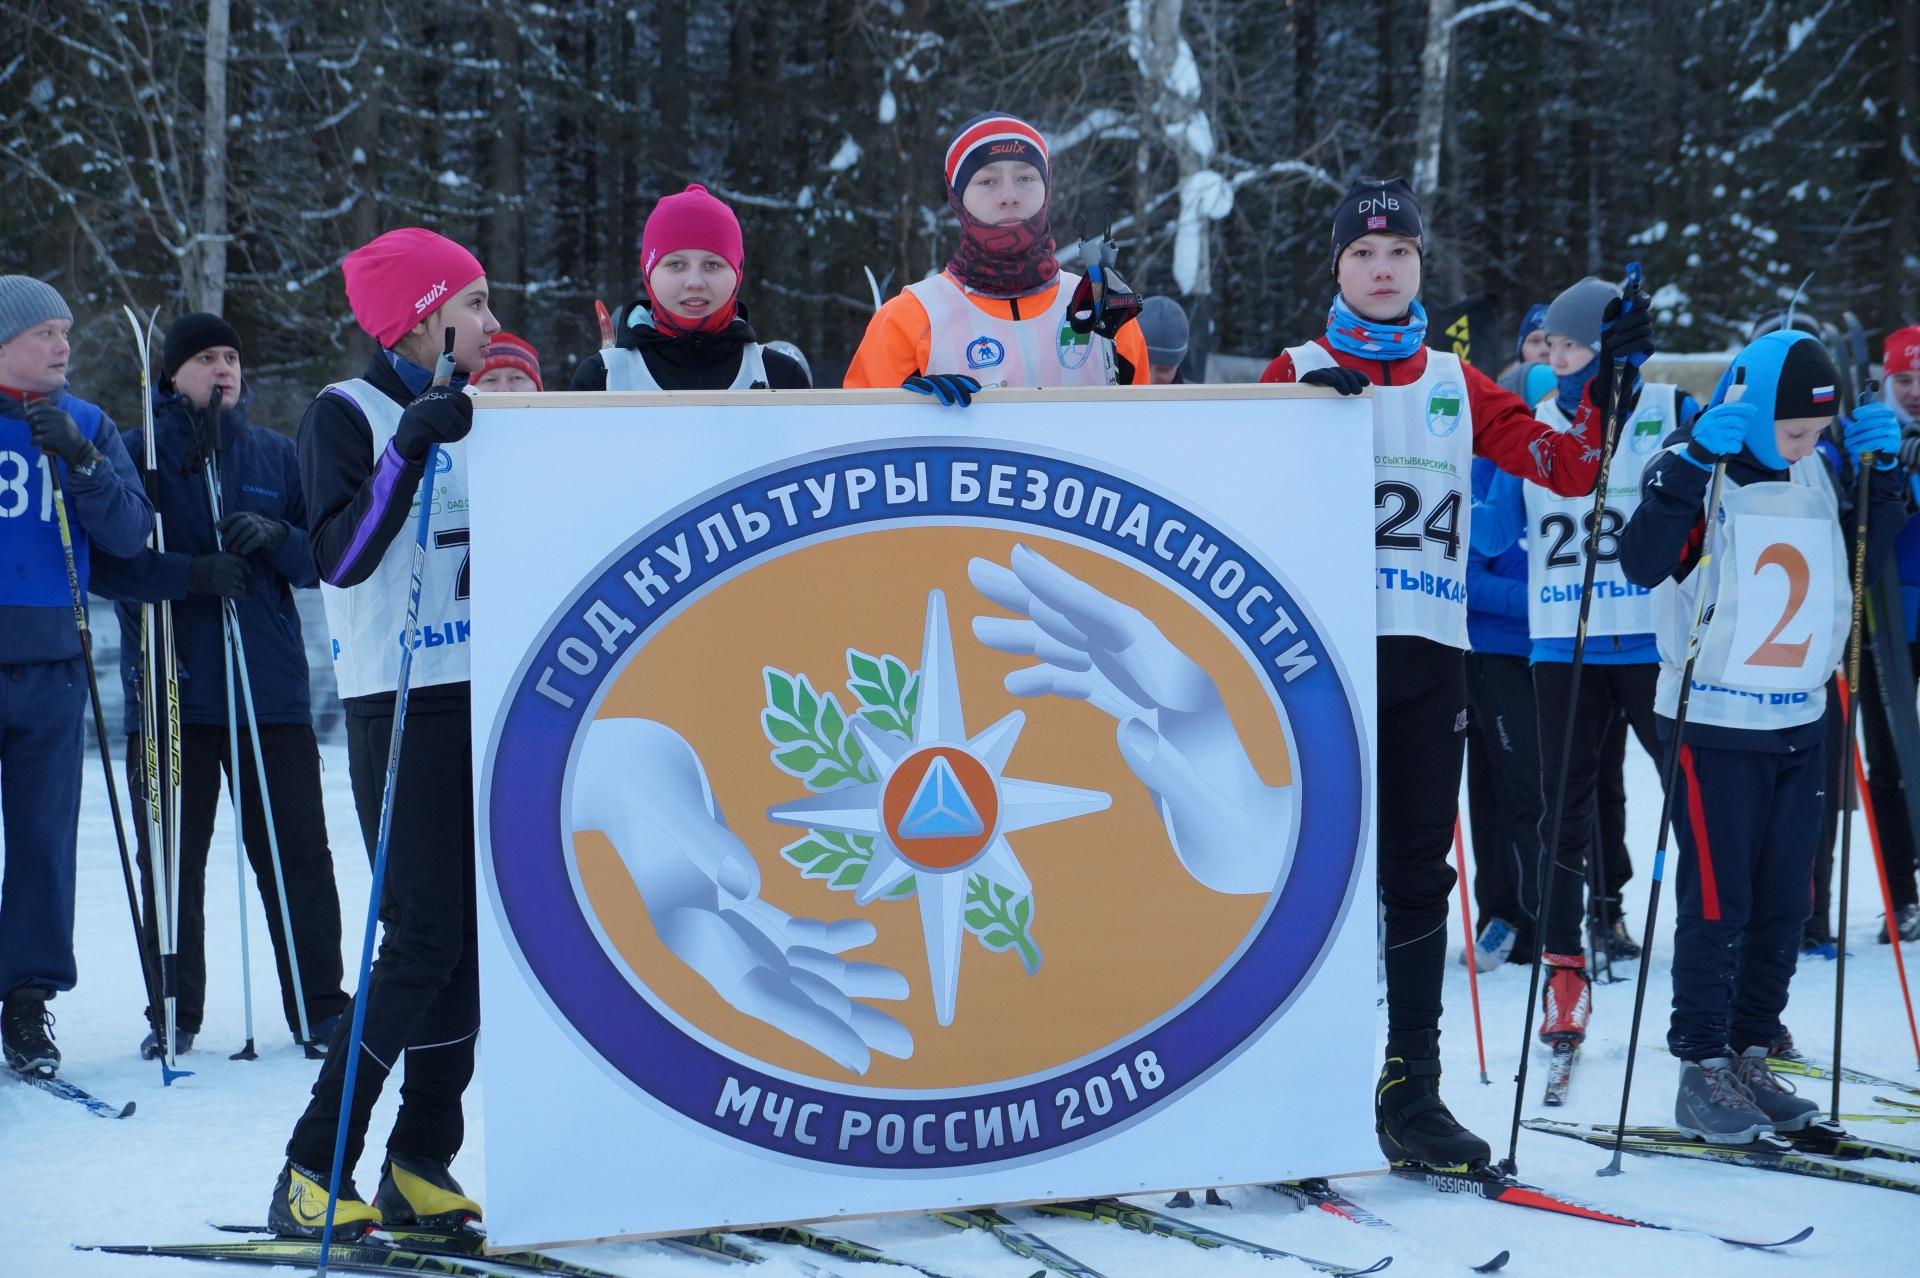 Сотрудники МЧС по Коми дали старт Году культуры безопасности на Сыктывкарской лыжне